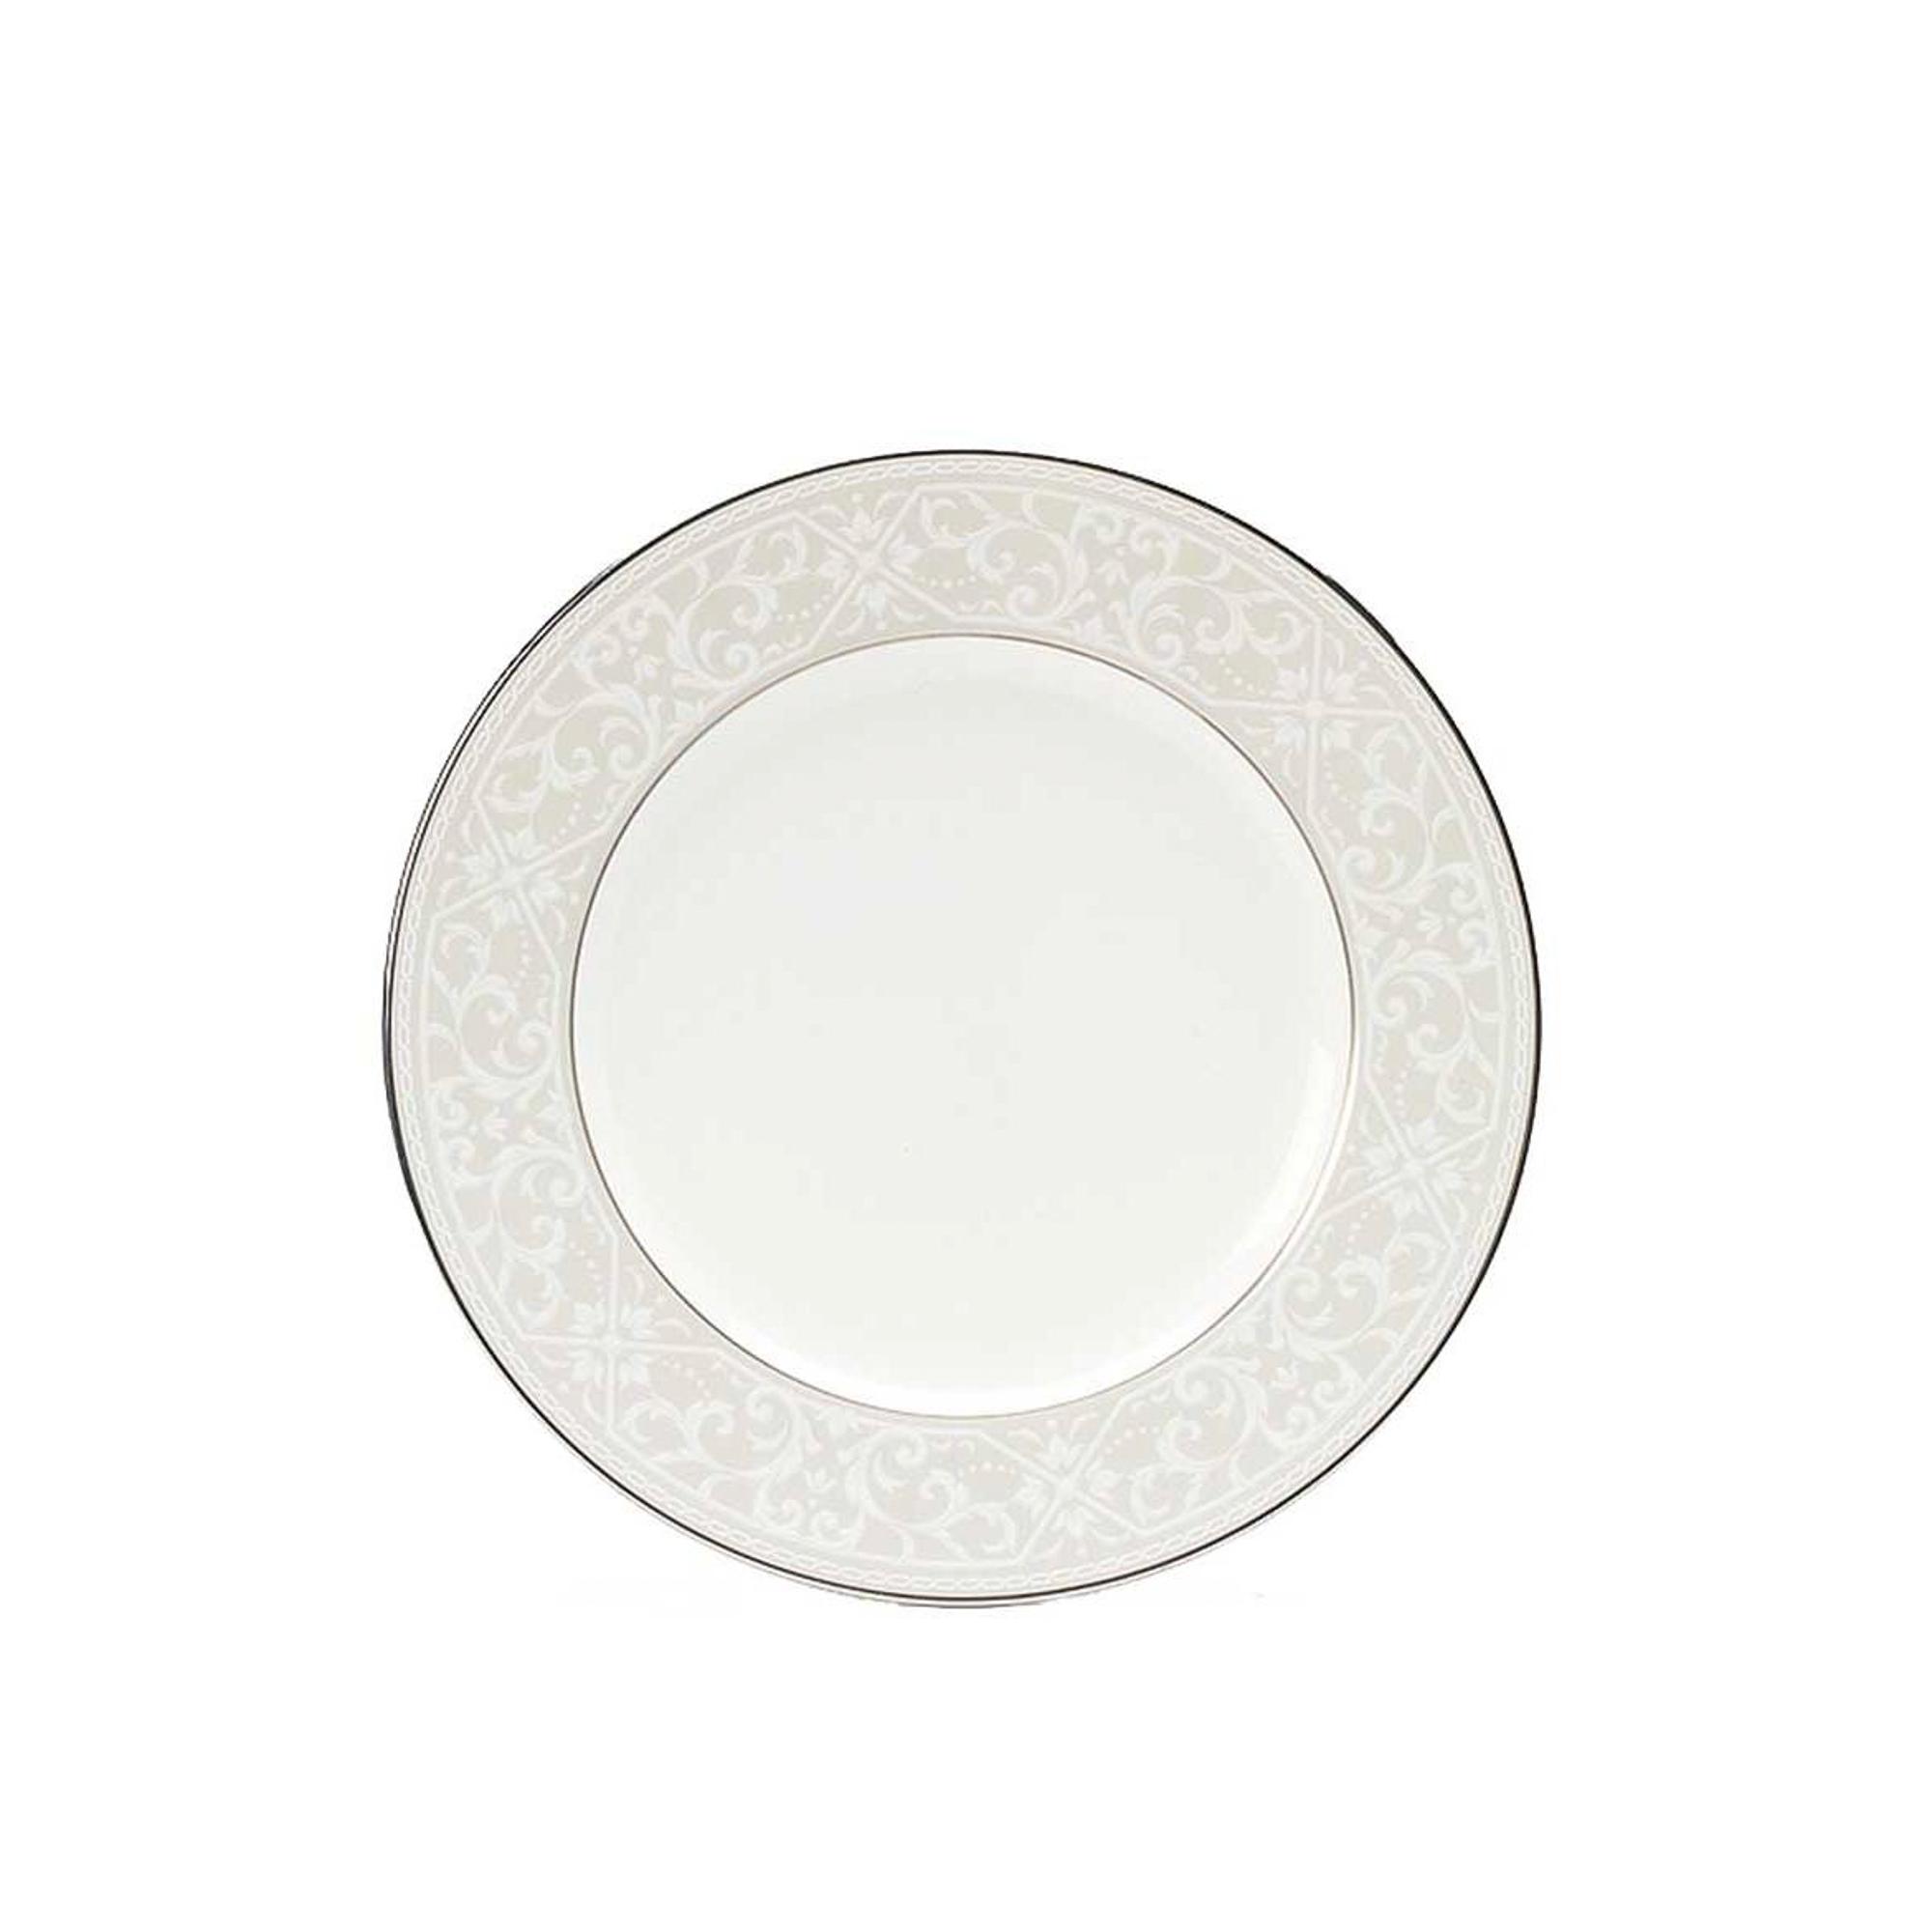 Тарелка закусочная Noritake Монтвейл 21 см тарелка закусочная noritake брум стрит 22см